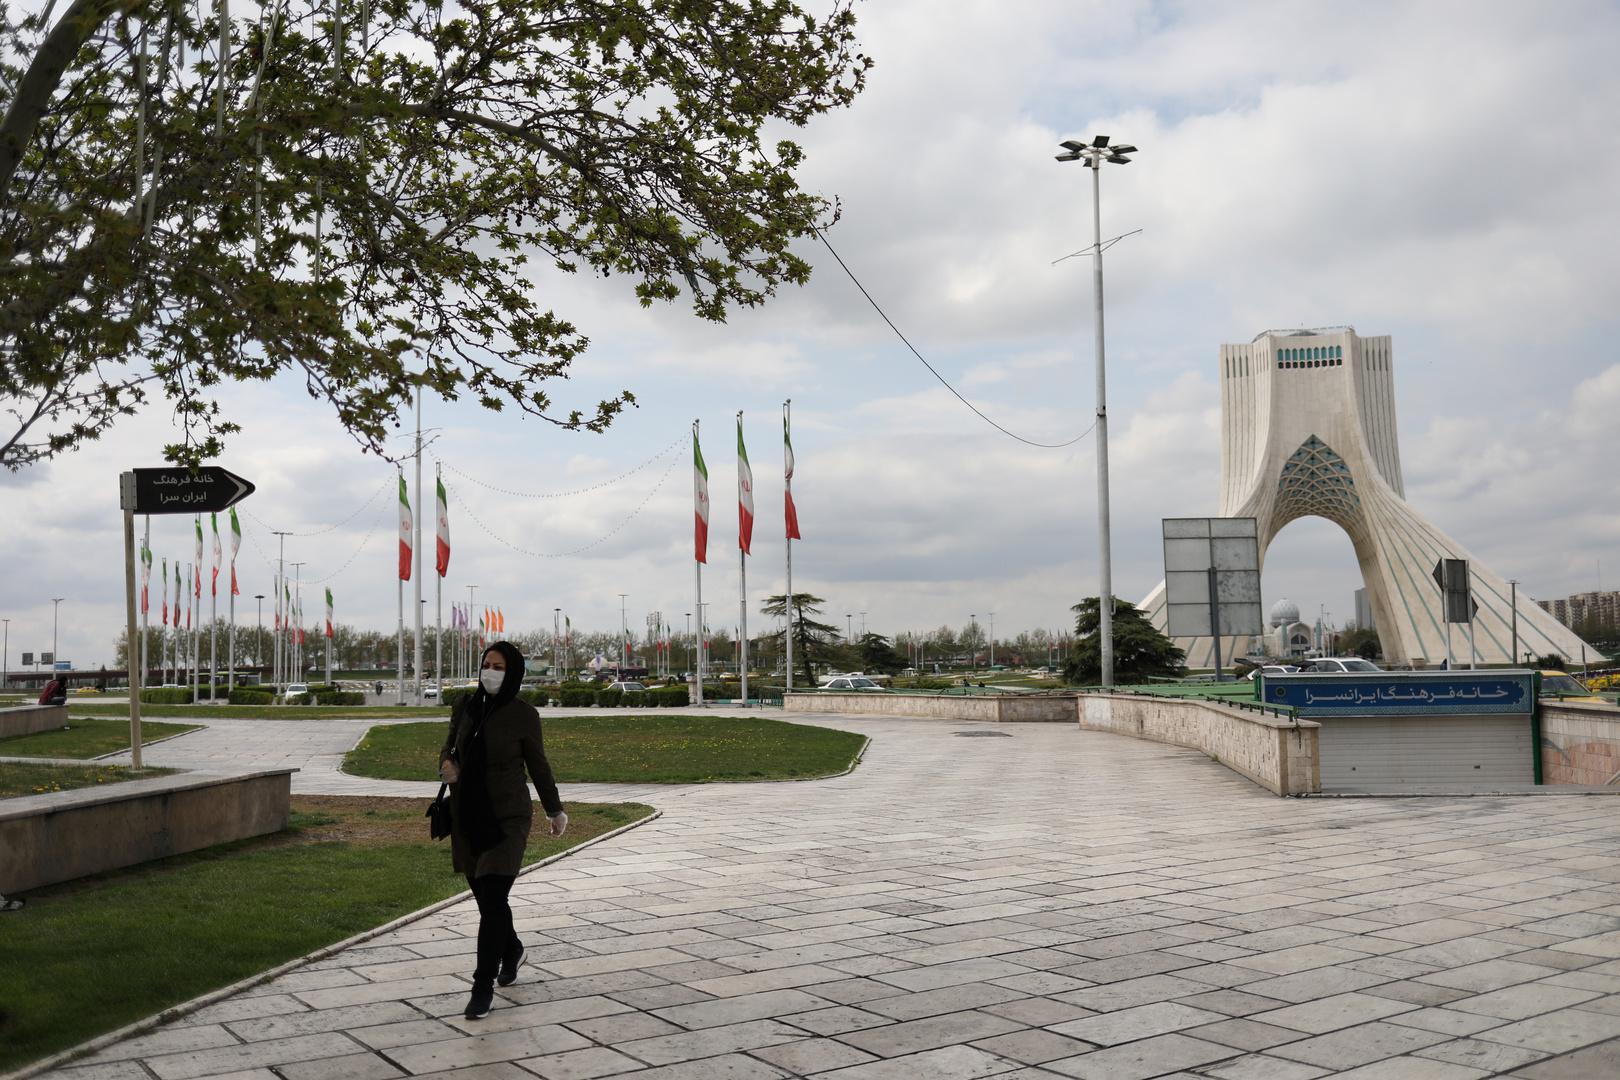 القضاء الإيراني يصدر حكما بالسجن 5 سنوات بحق مواطنة فرنسية